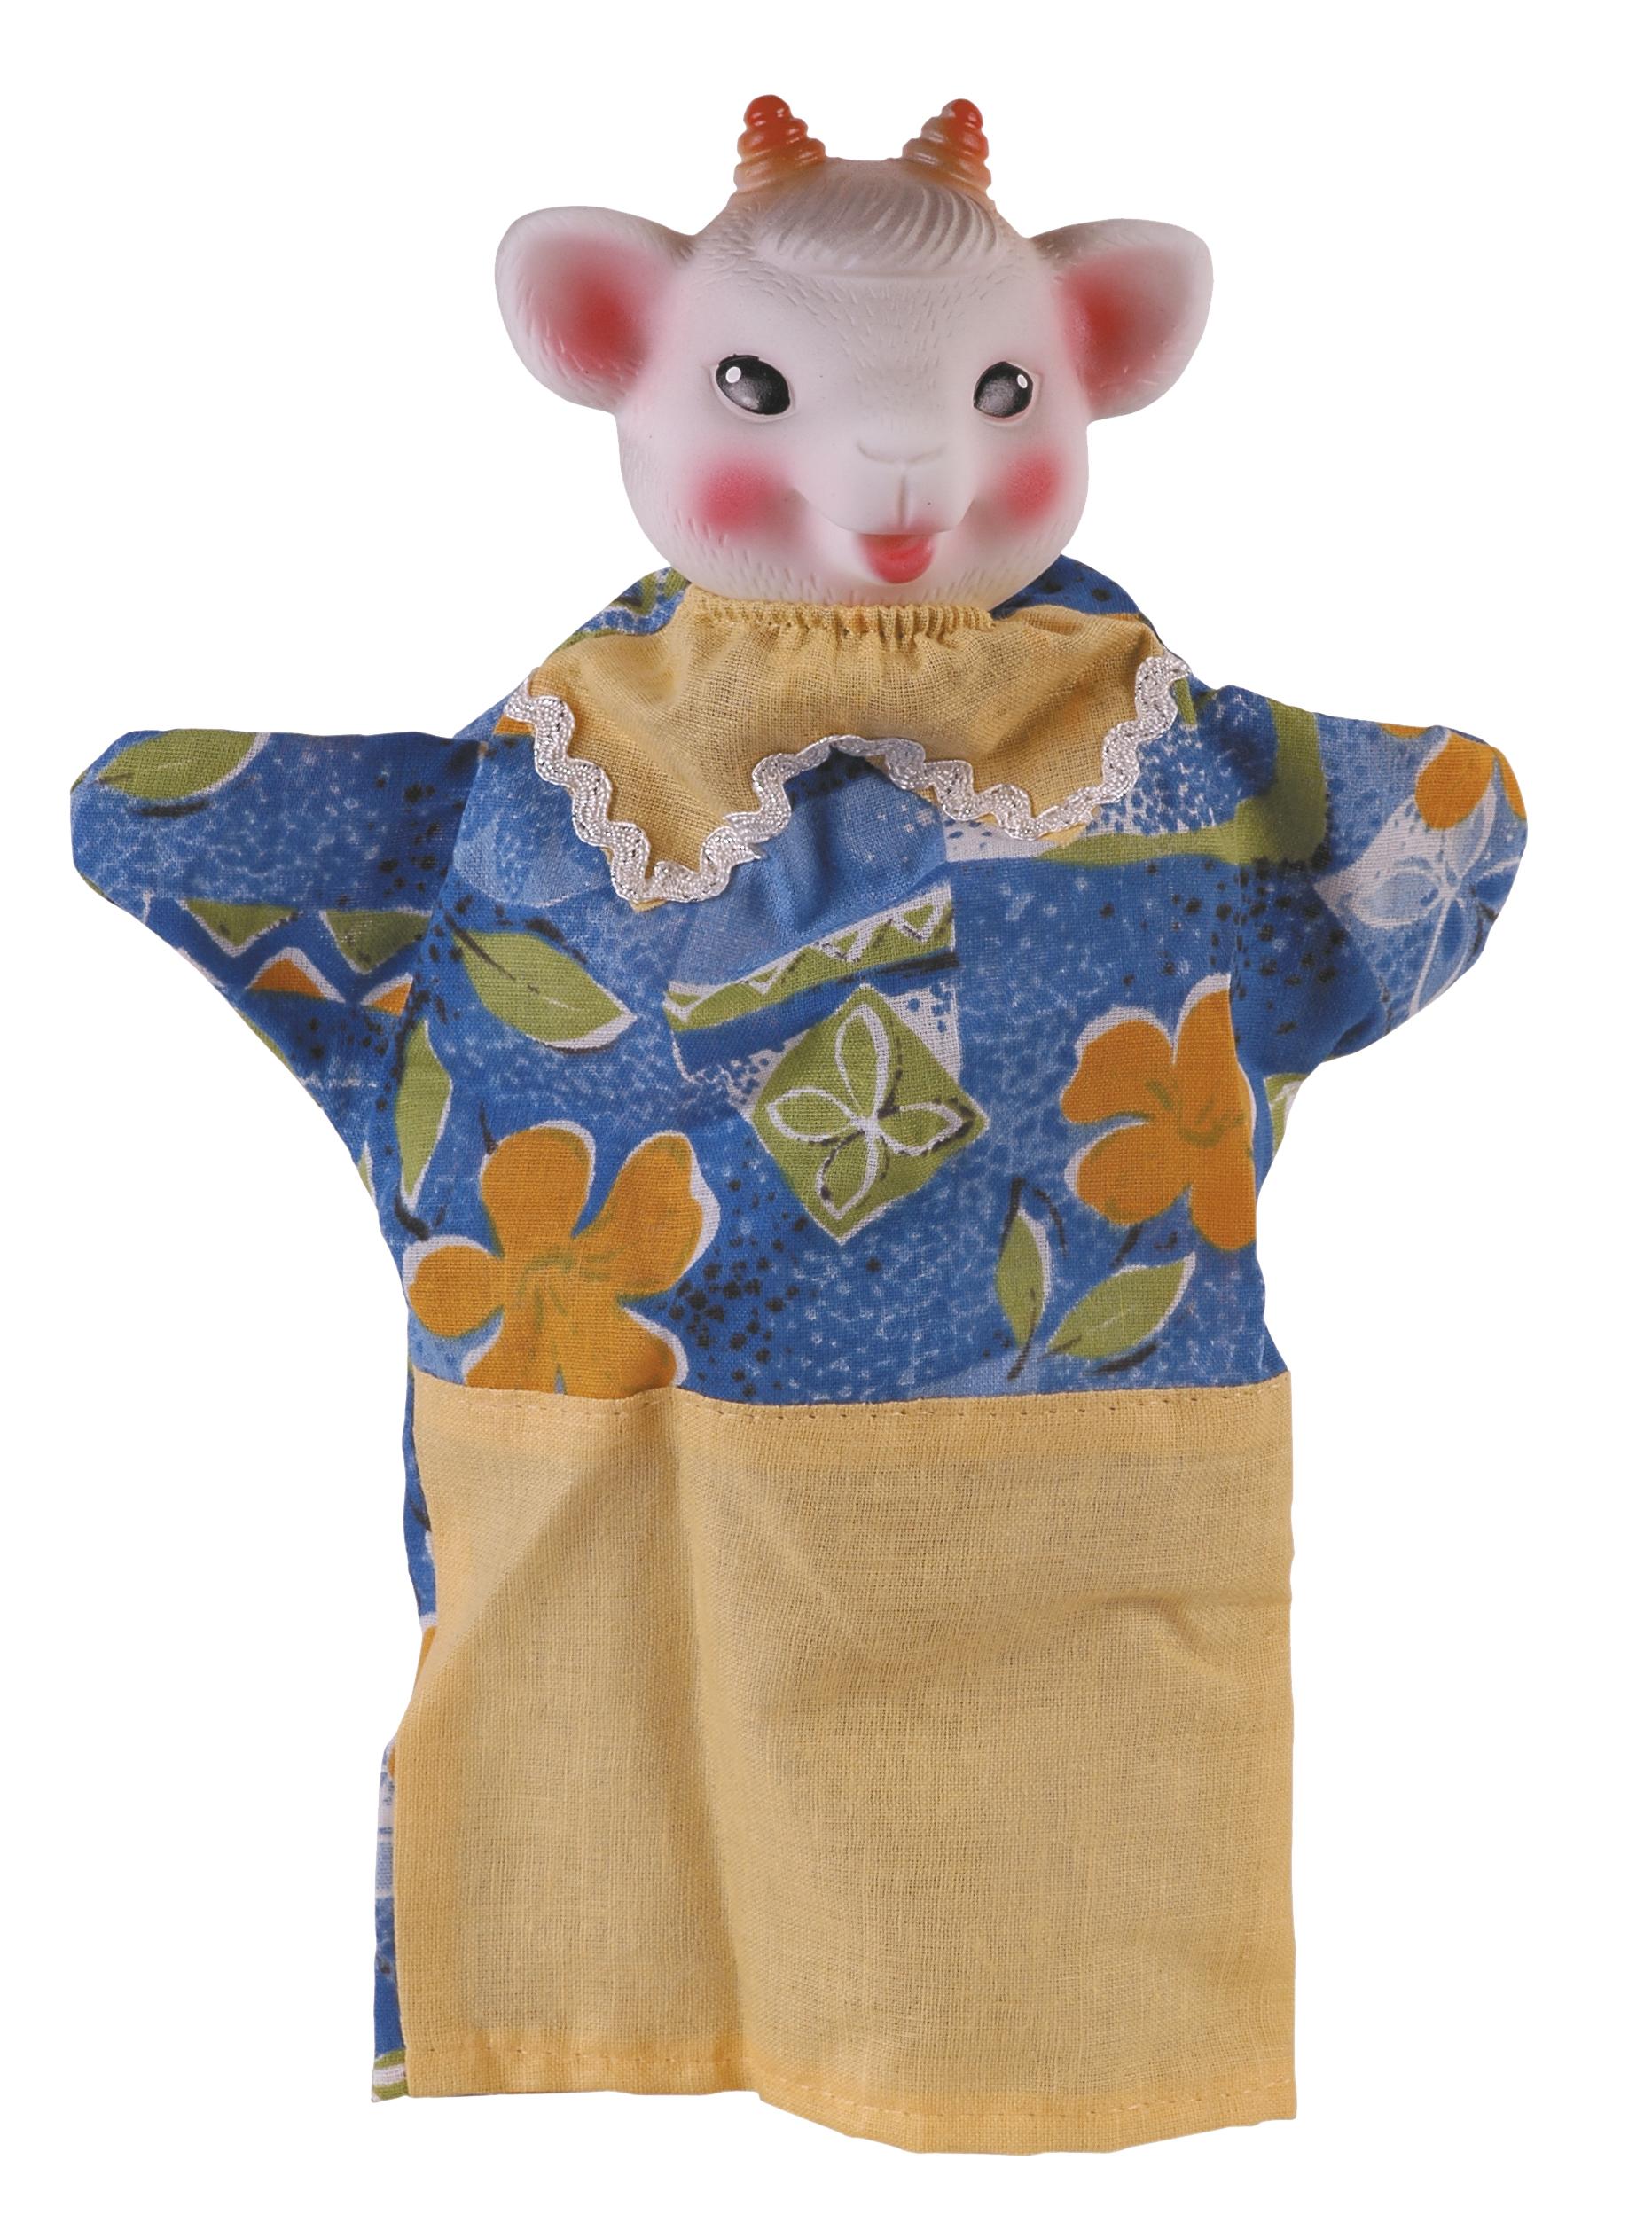 Кукла-перчатка – Козленок, 28 смДетский кукольный театр <br>Кукла-перчатка – Козленок, 28 см<br>